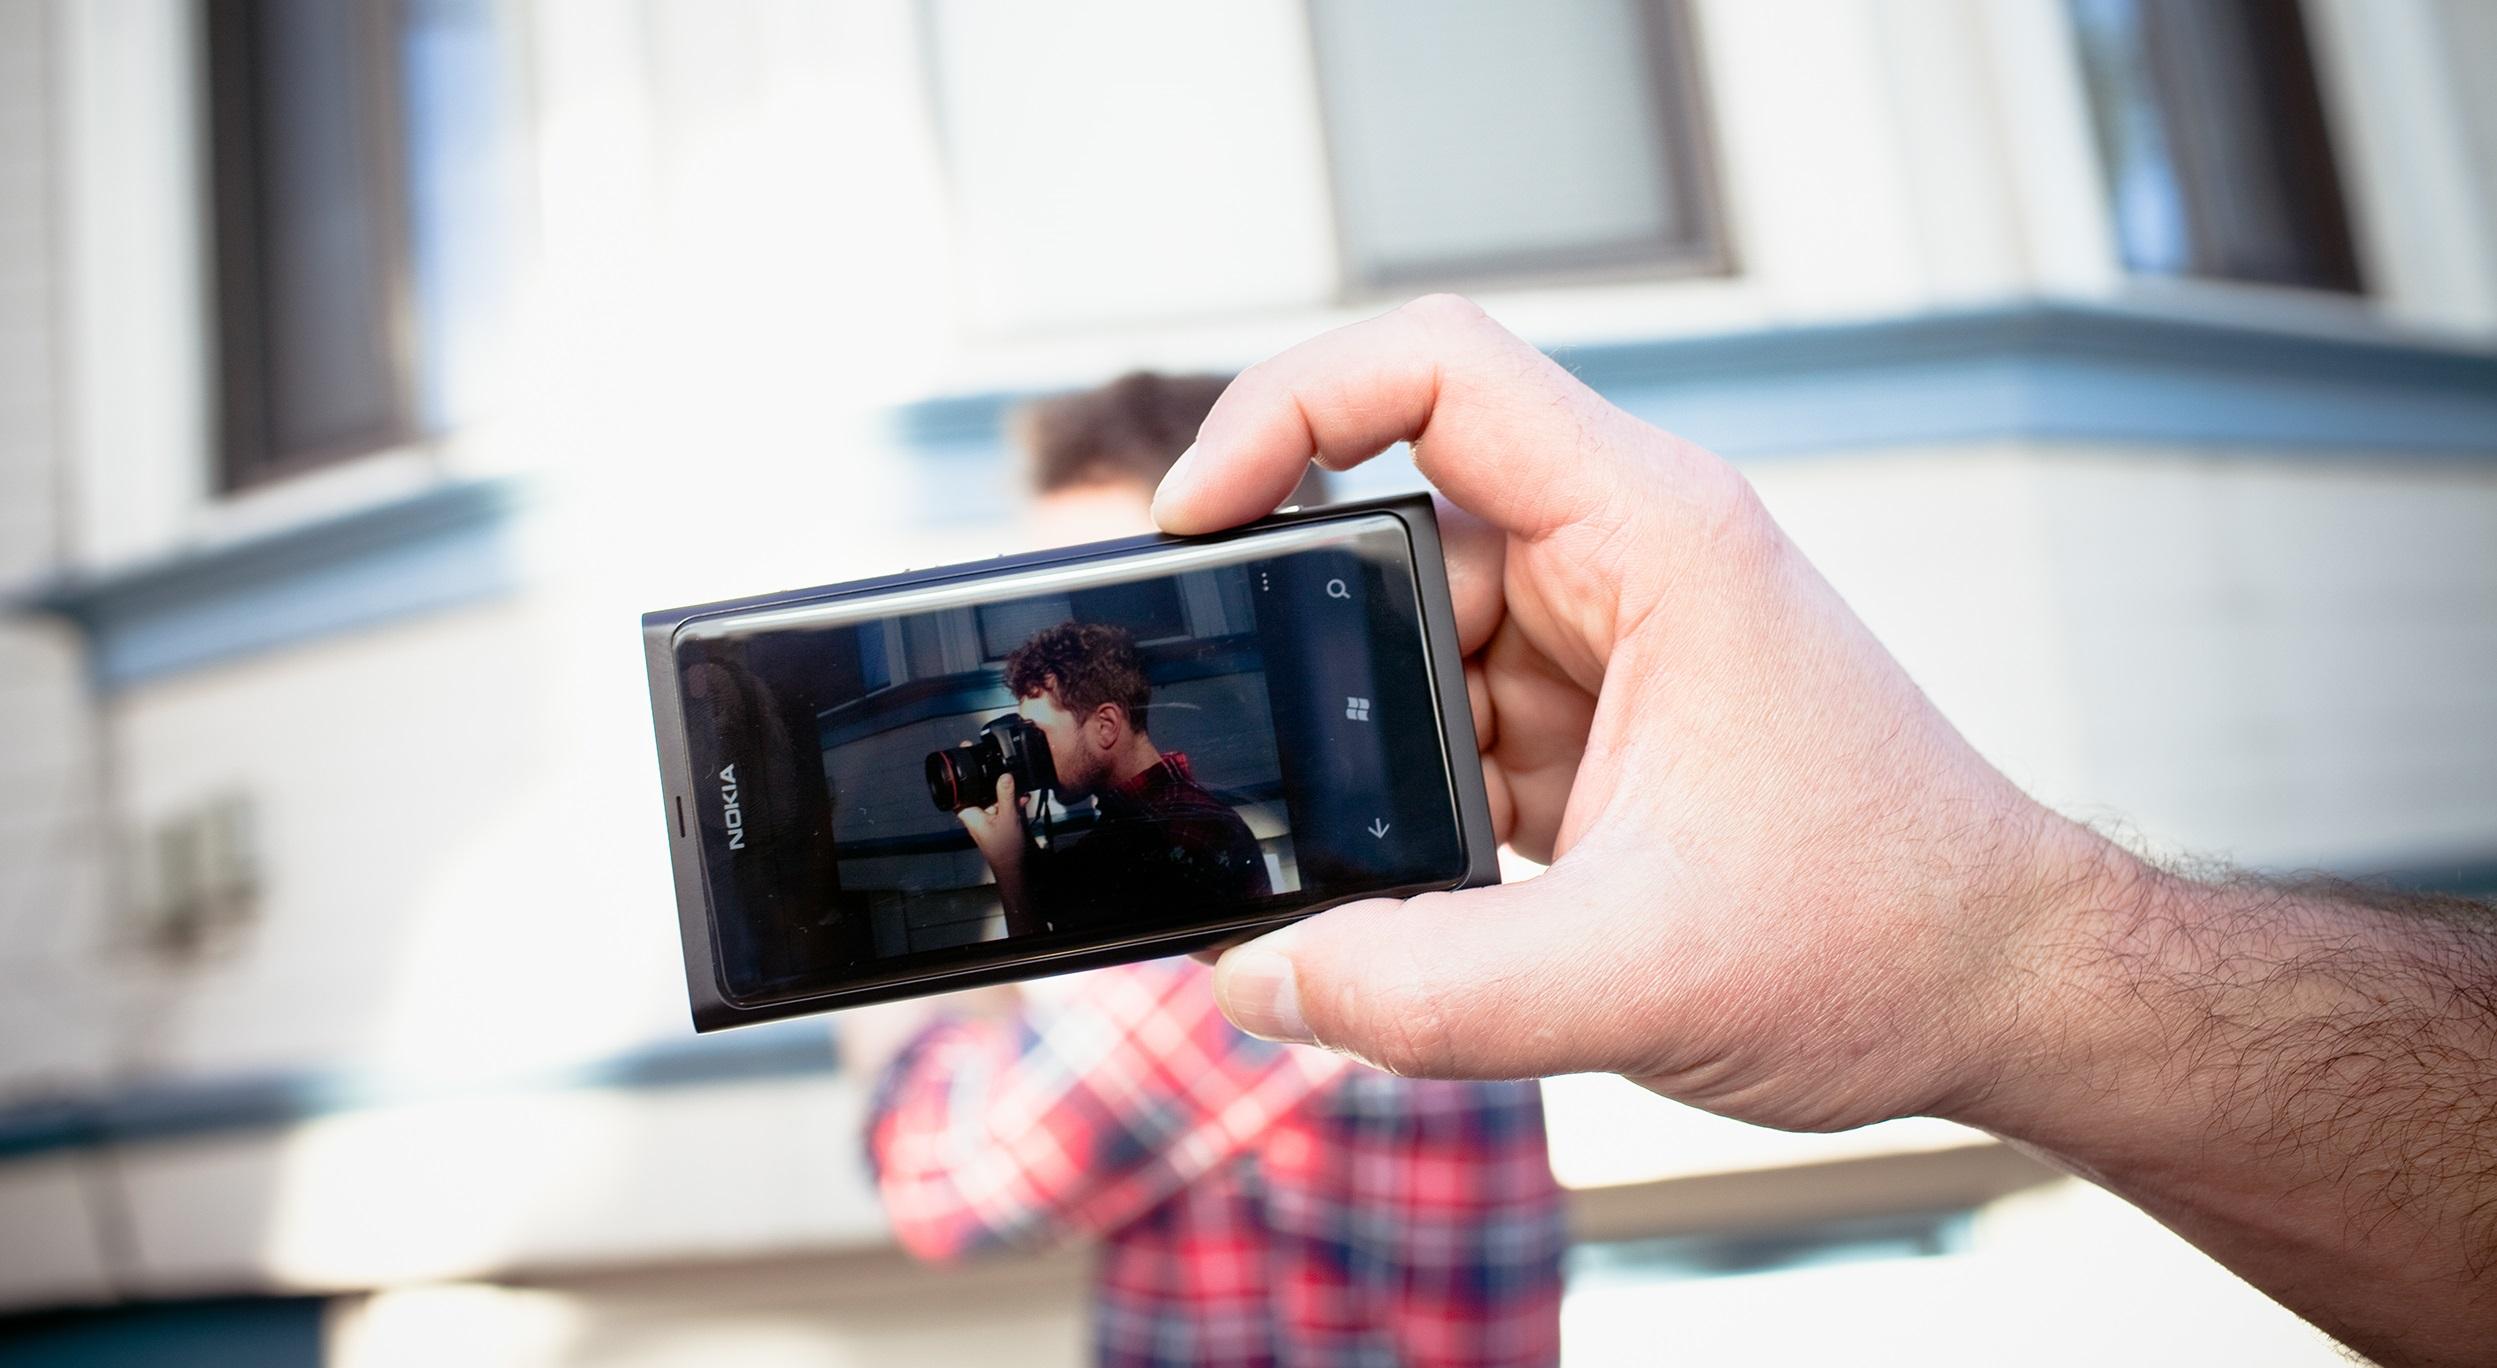 Объективная оценка качества фотографий смартфонов